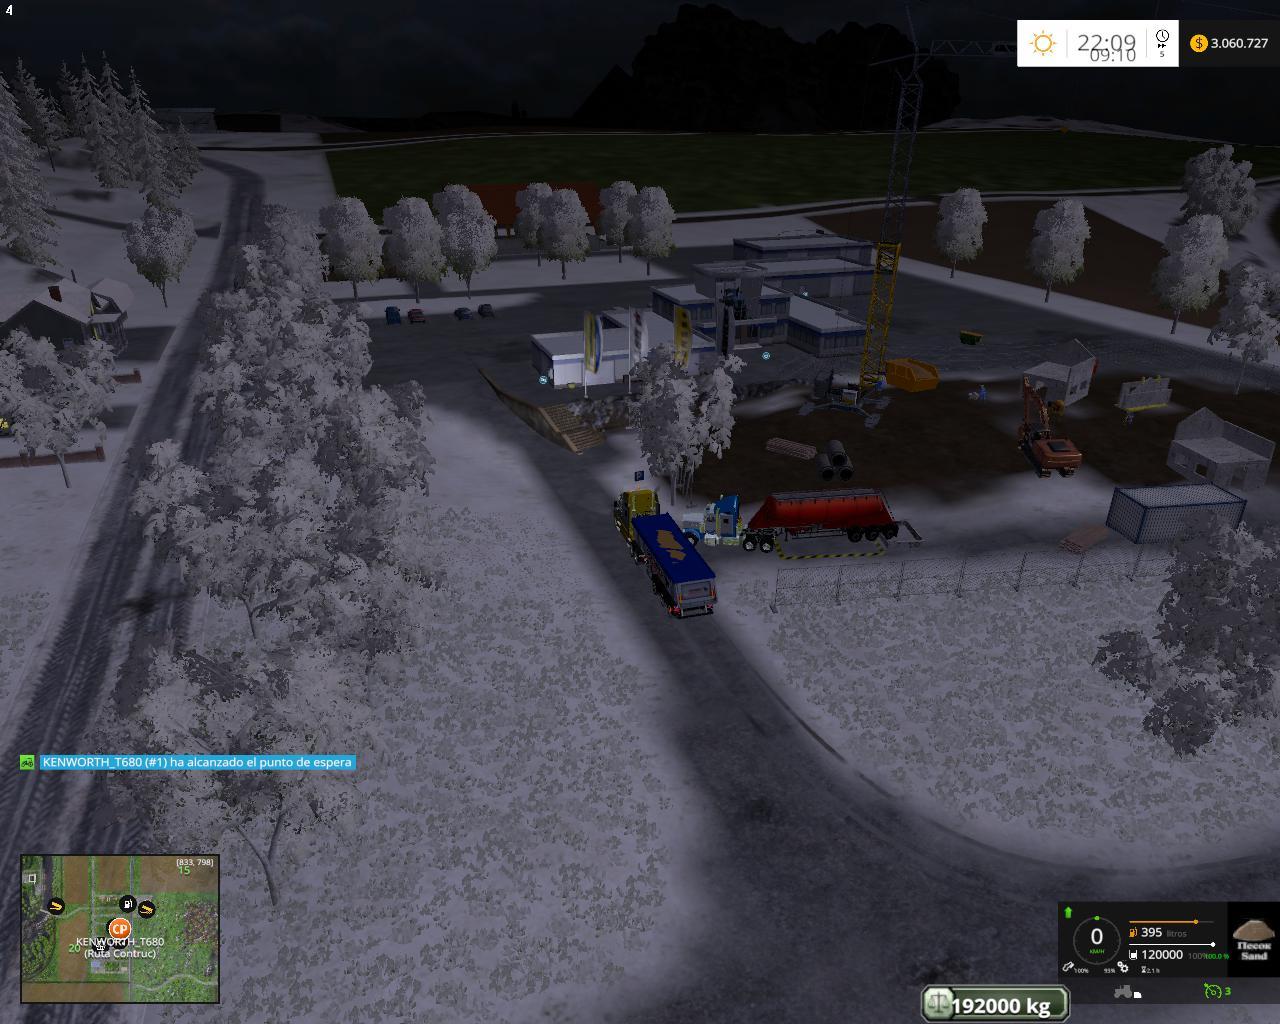 MINING CONSTRUCTION ECONOMY V2 • Farming simulator 19, 17